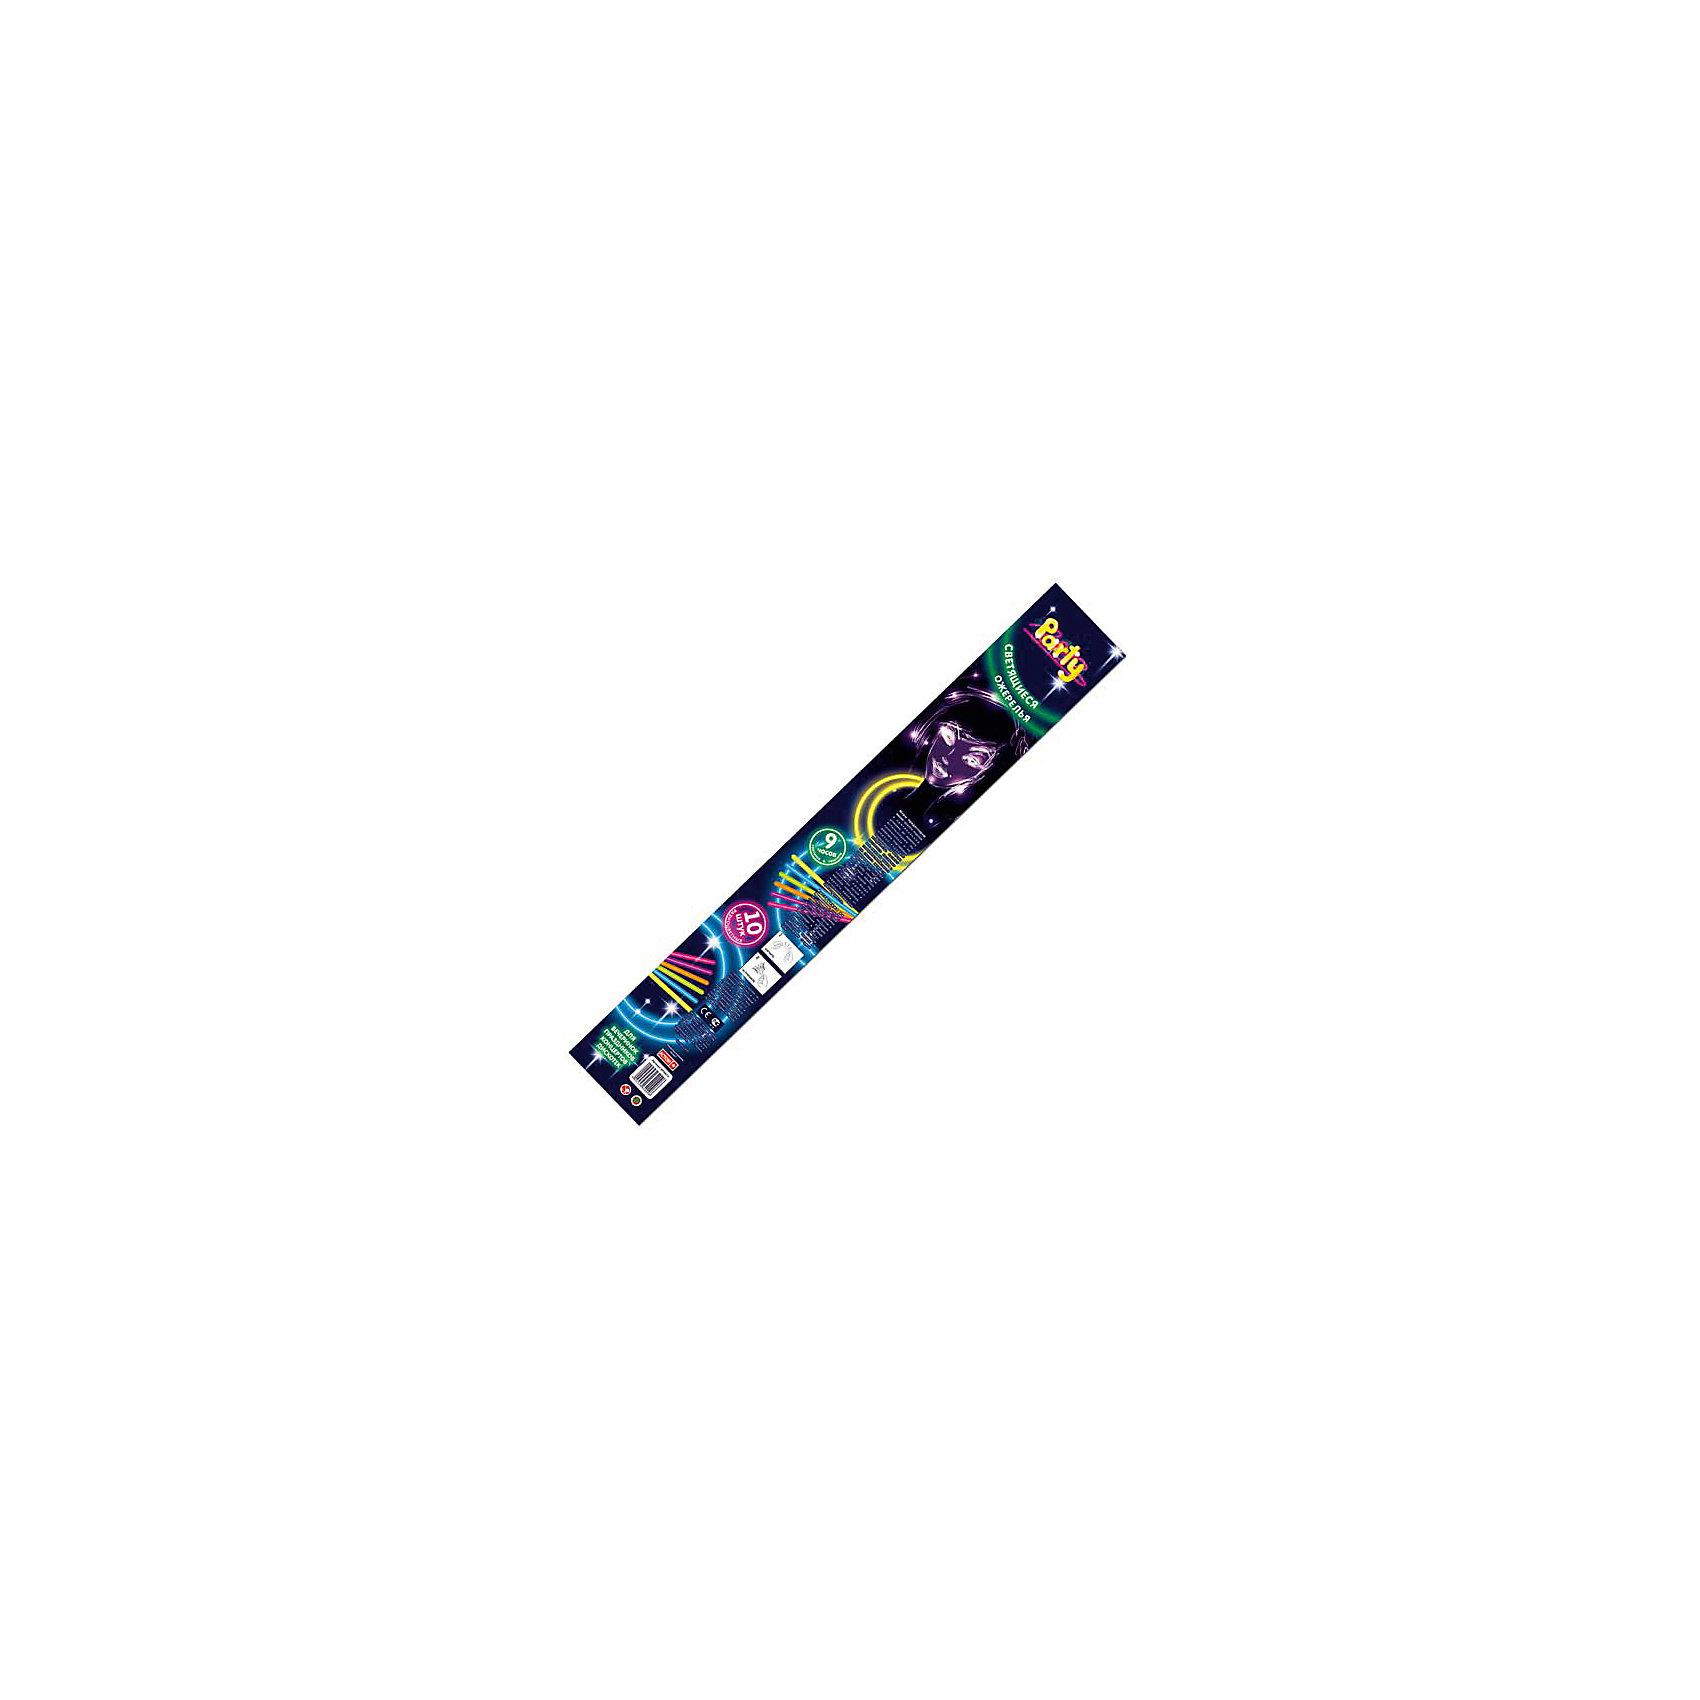 Набор разноцветных светящихся ожерелий, 5шт, 56 смВсё для праздника<br>Характеристики:<br><br>• возраст: от 3 лет<br>• количество: 5 шт.<br>• длина: 56 см.<br>• время свечения: 9 часов<br>• упаковка: картонная туба<br><br>Набор разноцветных светящихся ожерелий создан специально для вечеринок, праздников, концертов, дискотек.<br><br>Ожерелья светят ярким неоновым светом. Для активации изделия необходимо несколько раз его согнуть и встряхнуть. Через пару минут произойдет полная реакция, и аксессуар начнет ярко светиться. Изделие нетоксично.<br><br>Набор разноцветных светящихся ожерелий, 5шт, 56 см можно купить в нашем интернет-магазине.<br><br>Ширина мм: 300<br>Глубина мм: 120<br>Высота мм: 20<br>Вес г: 100<br>Возраст от месяцев: 36<br>Возраст до месяцев: 2147483647<br>Пол: Унисекс<br>Возраст: Детский<br>SKU: 6860589